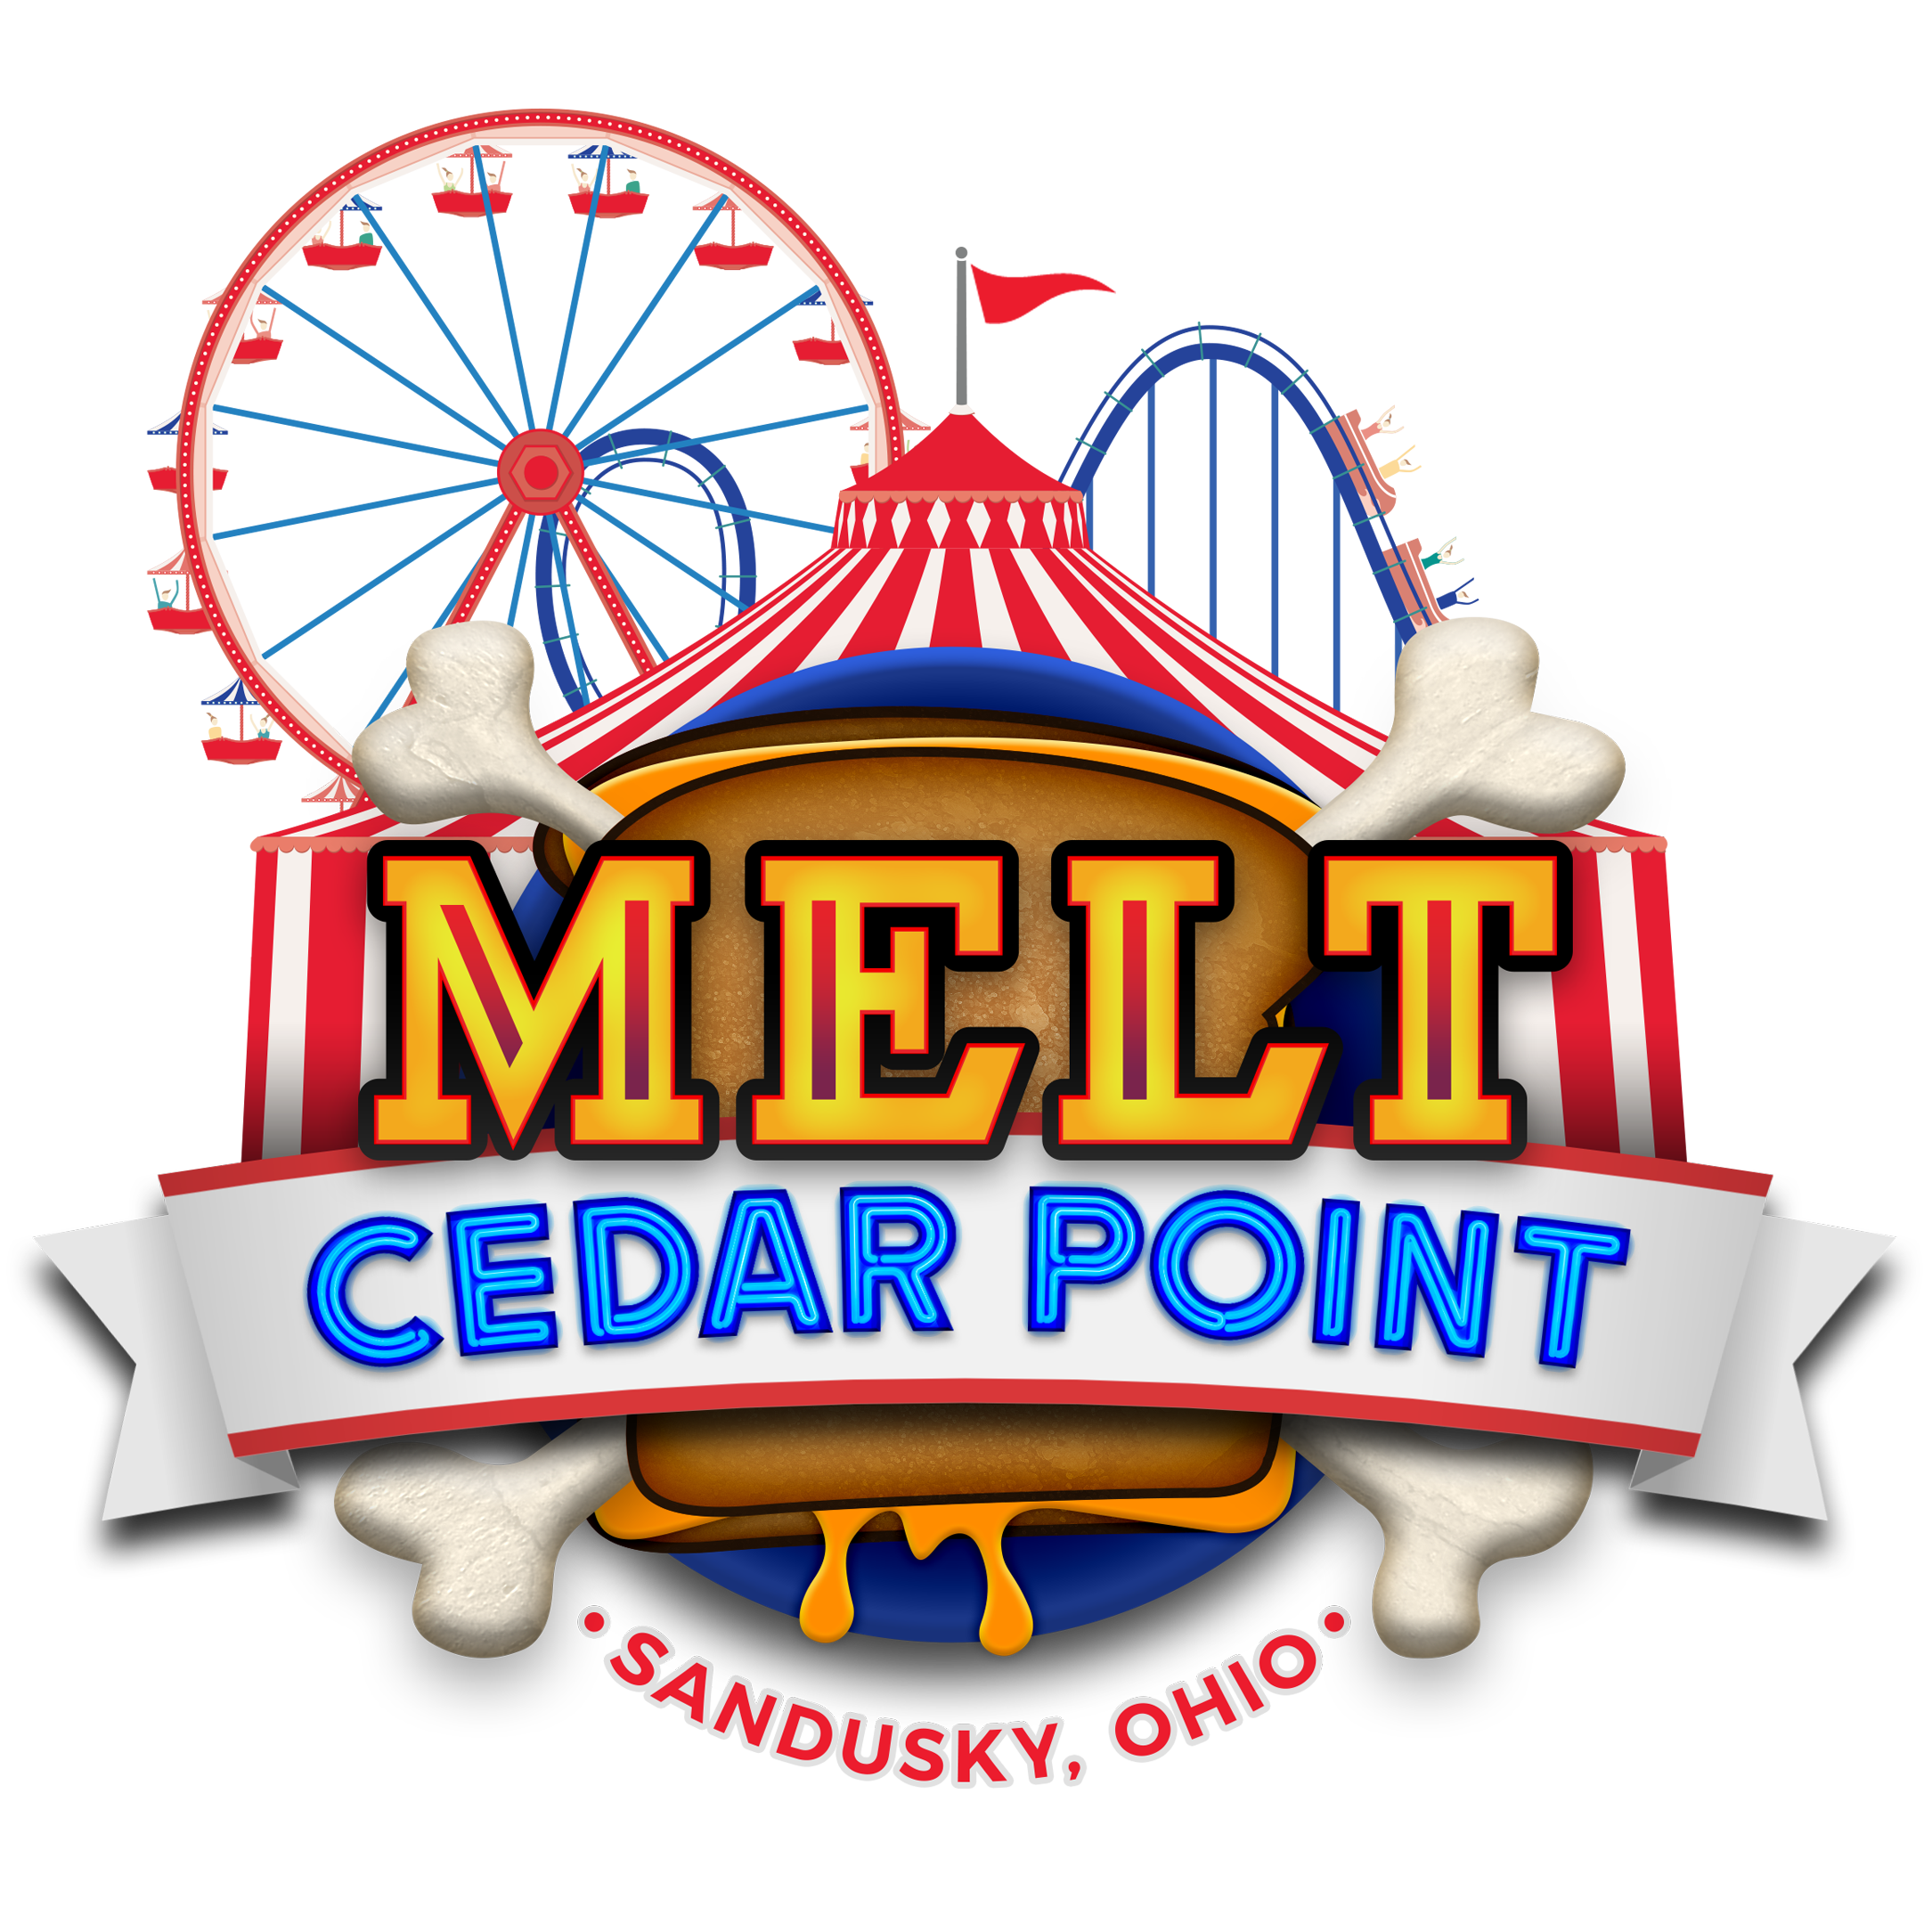 Melt Cedar Point